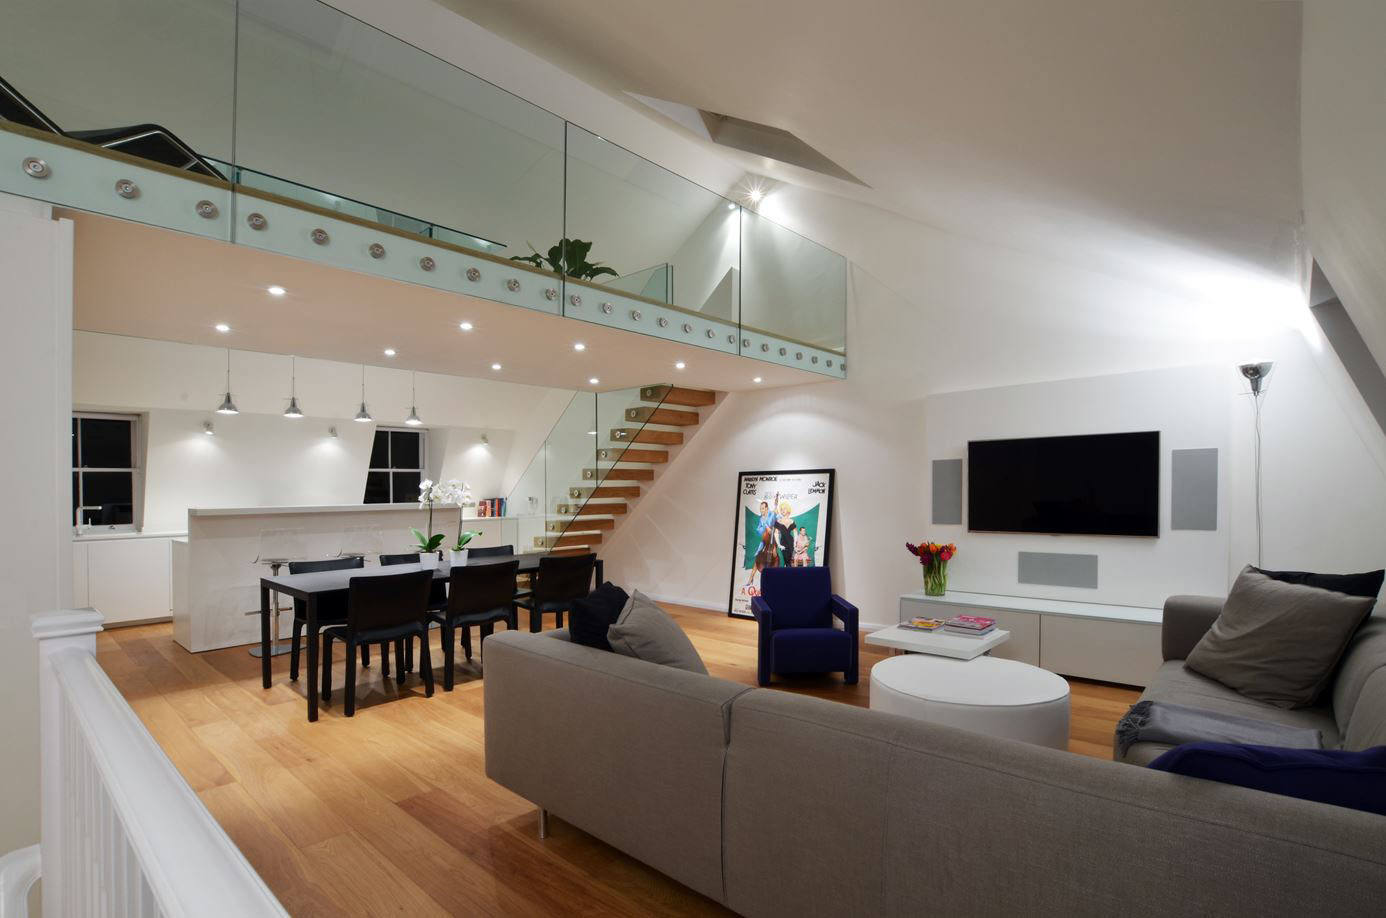 Small Modern Kitchen Interior Design